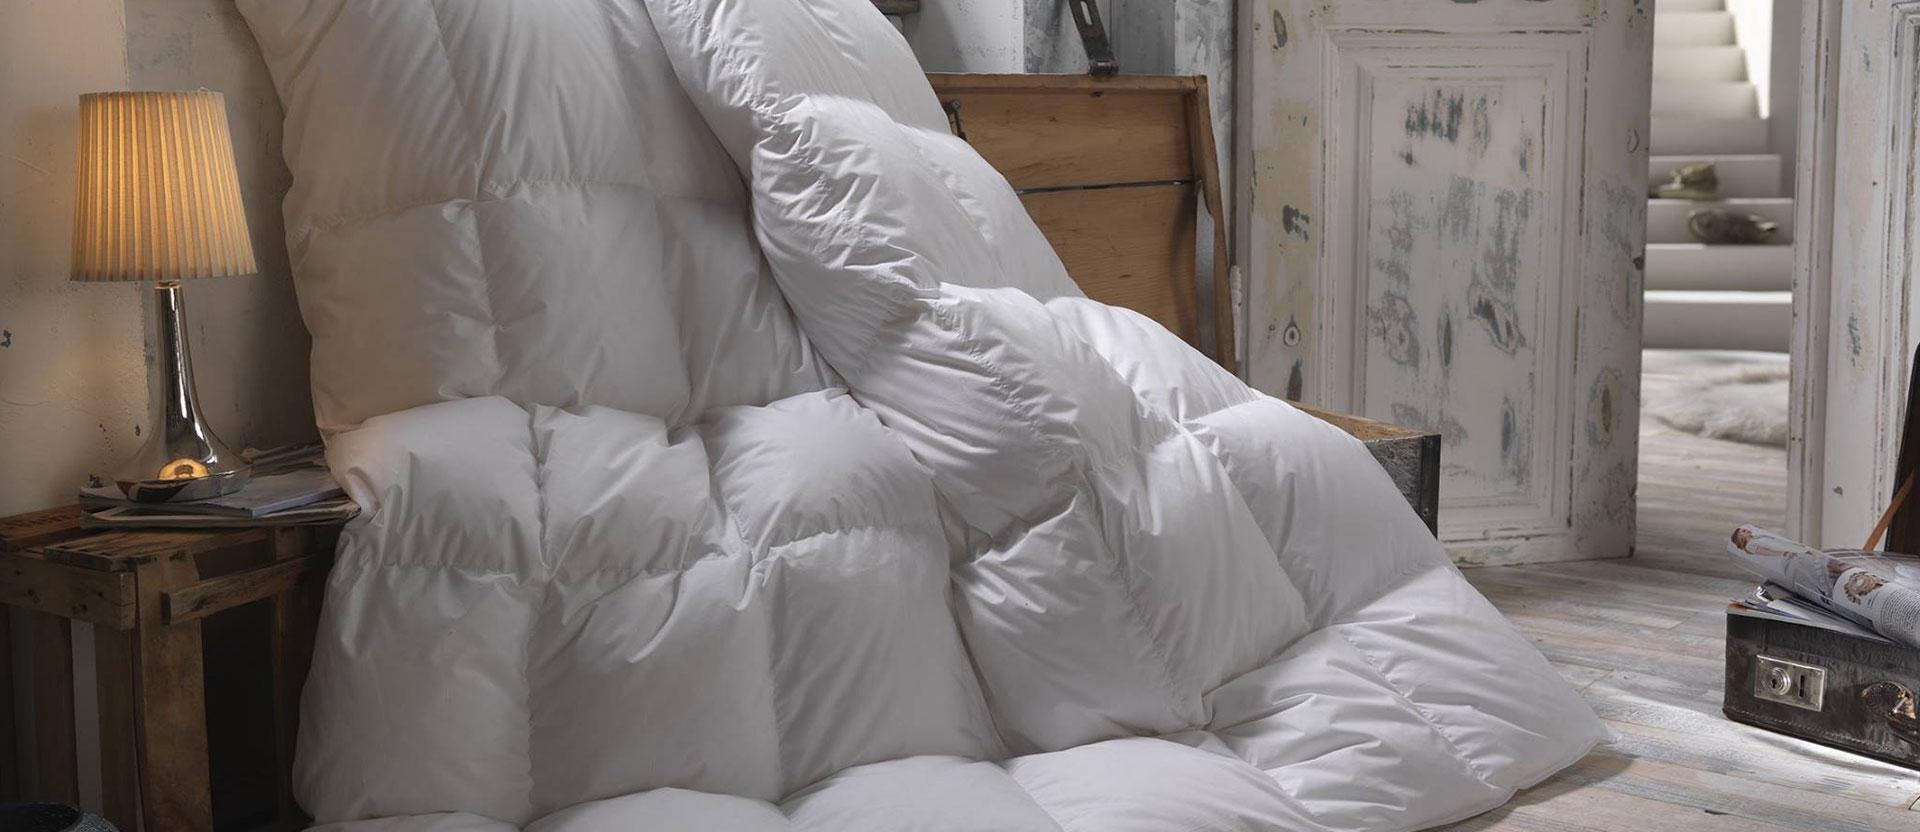 camera da letto con piumino